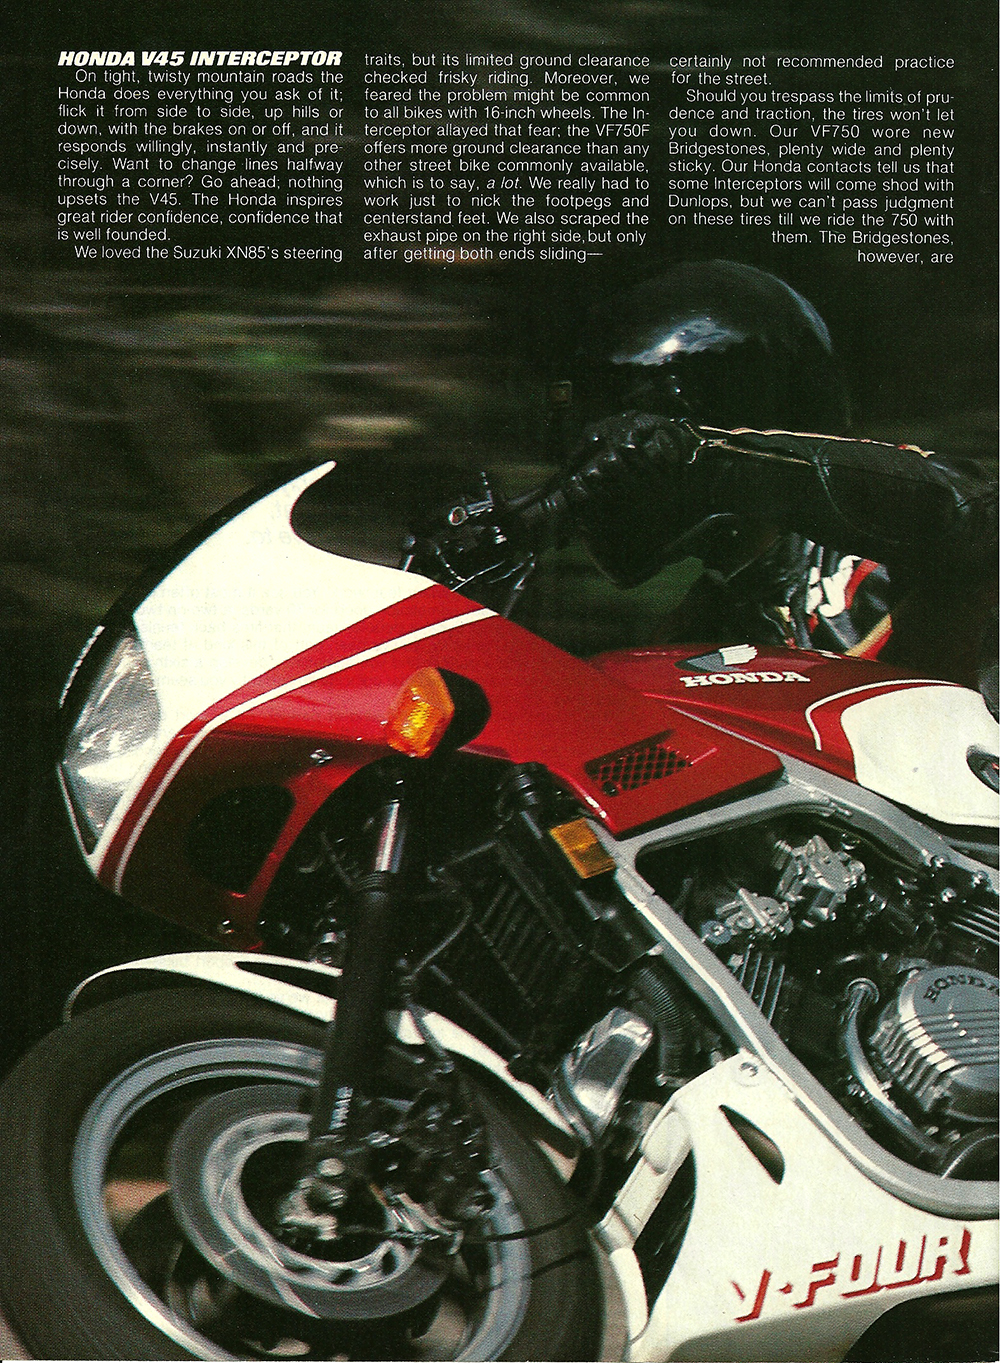 1983 Honda V45 Interceptor road test 03.jpg